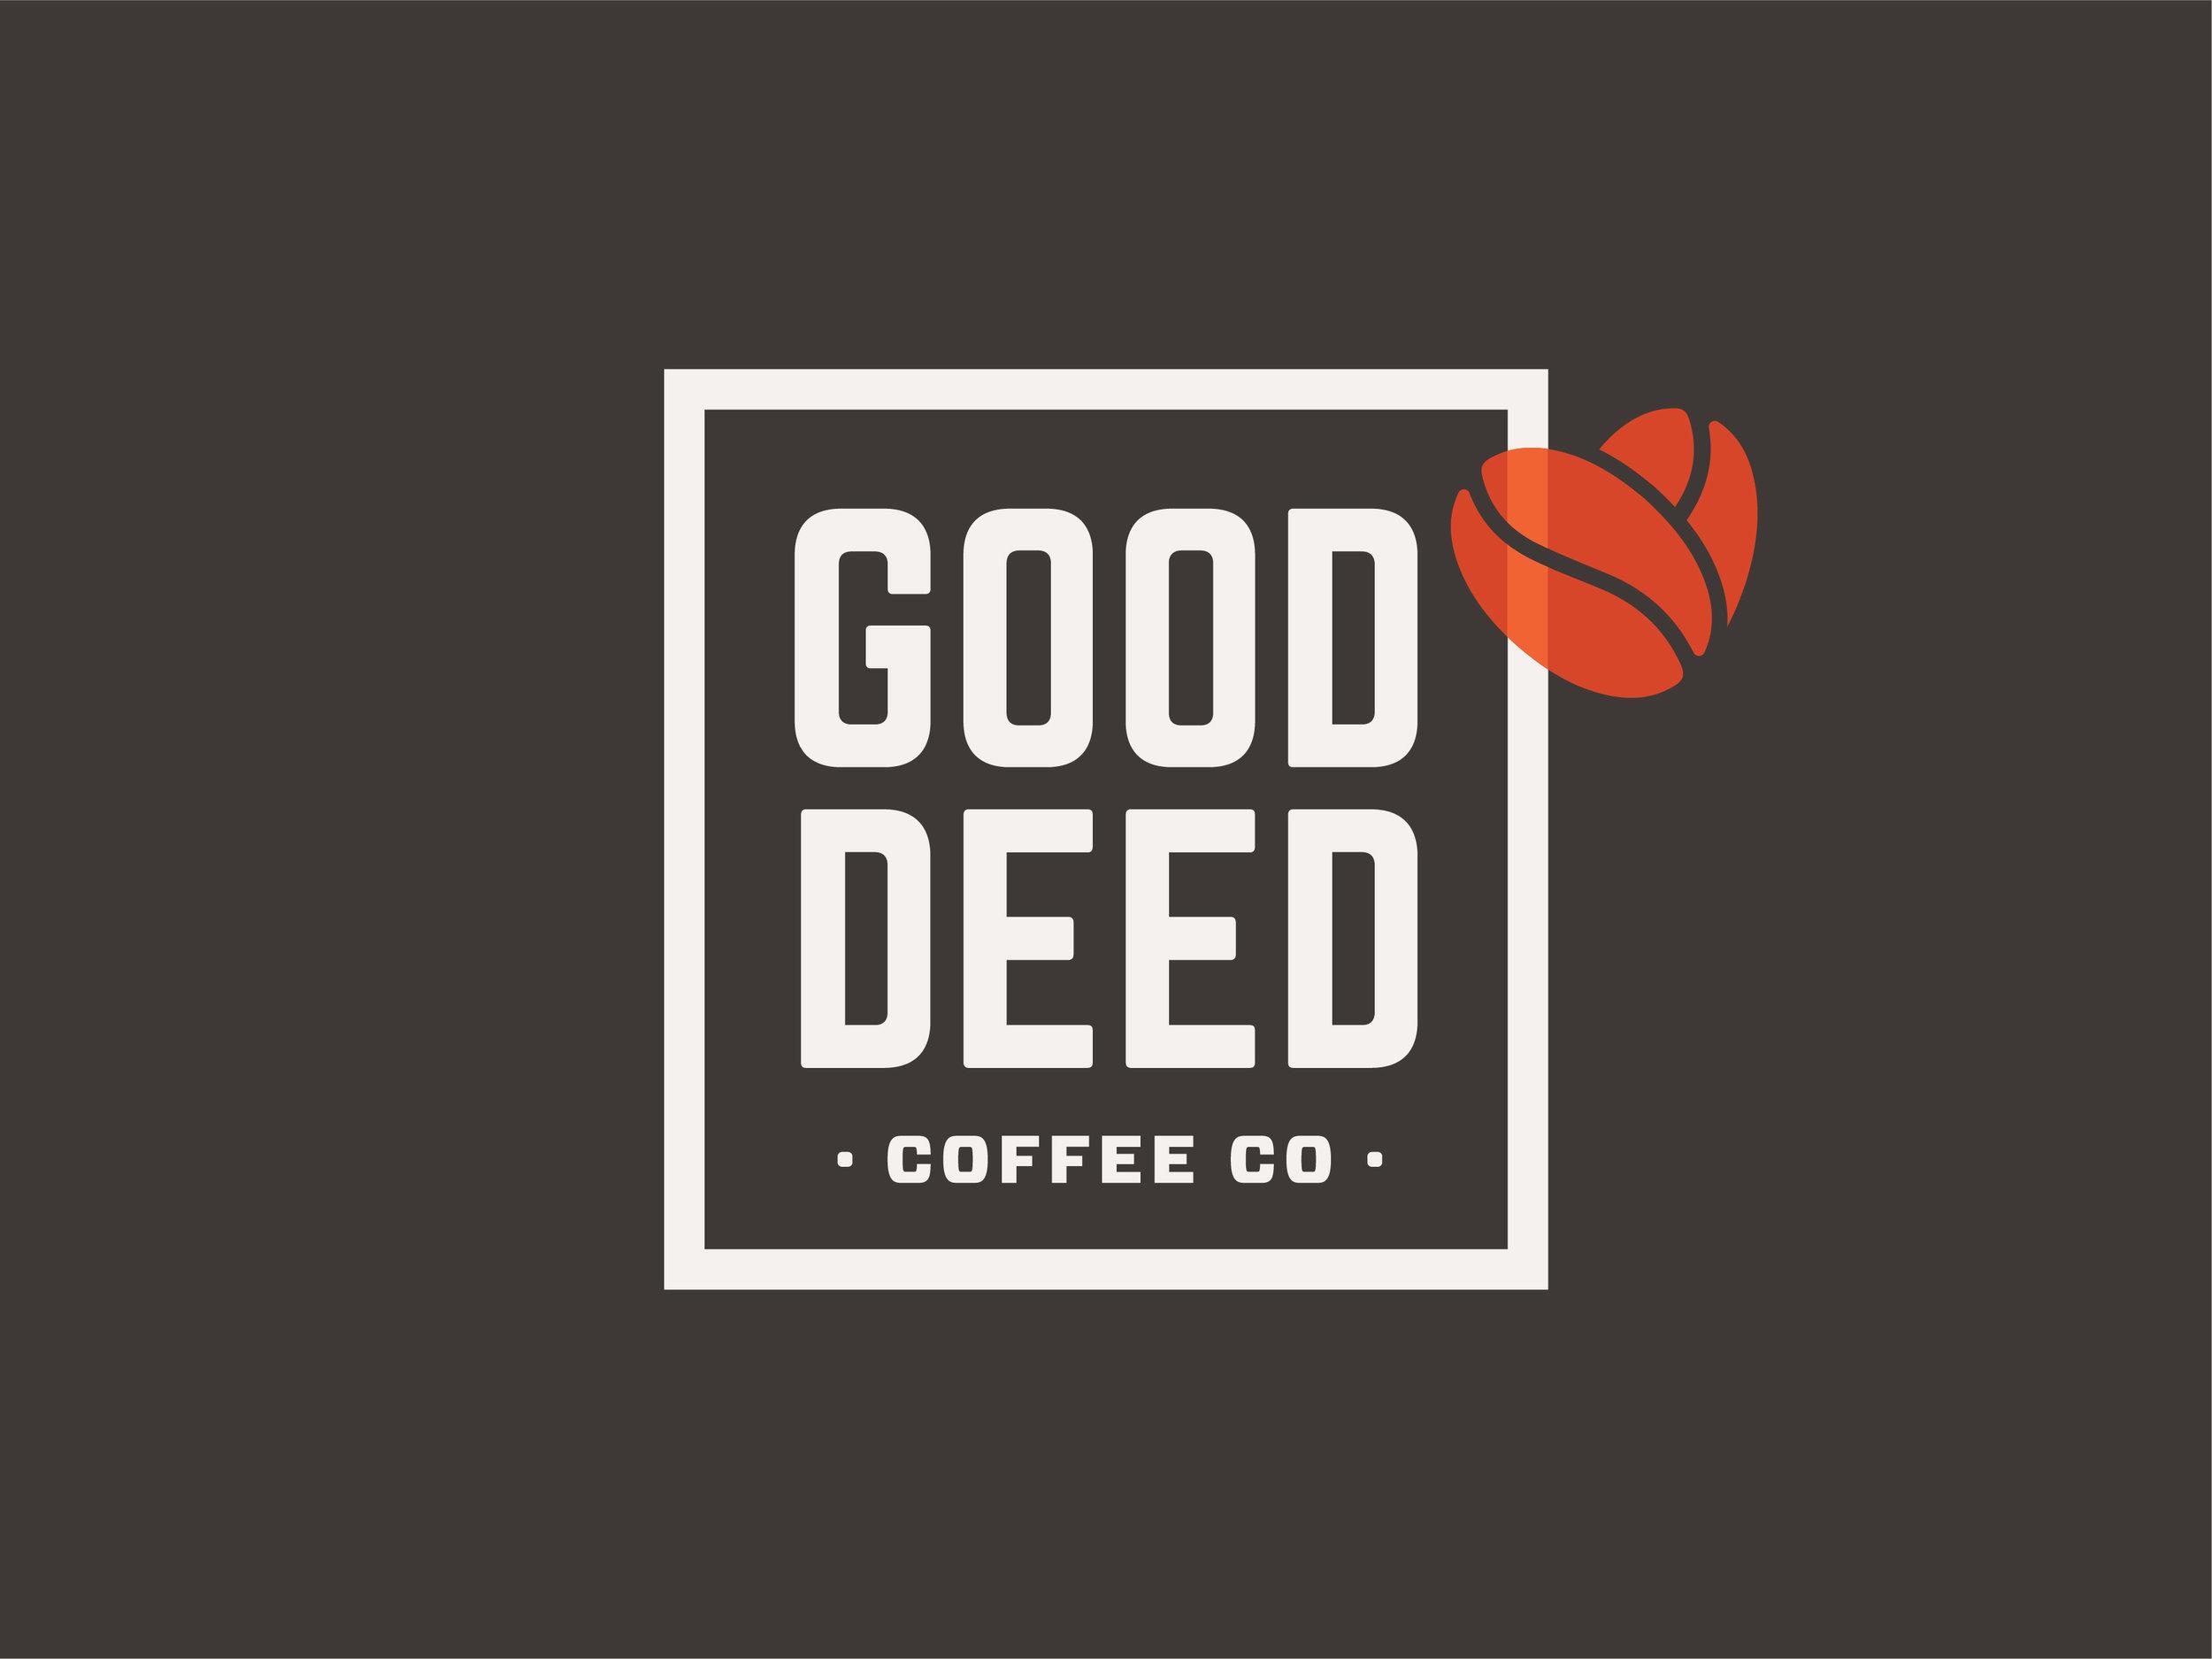 AmyNortman-GoodDeed-CoffeeCo-03